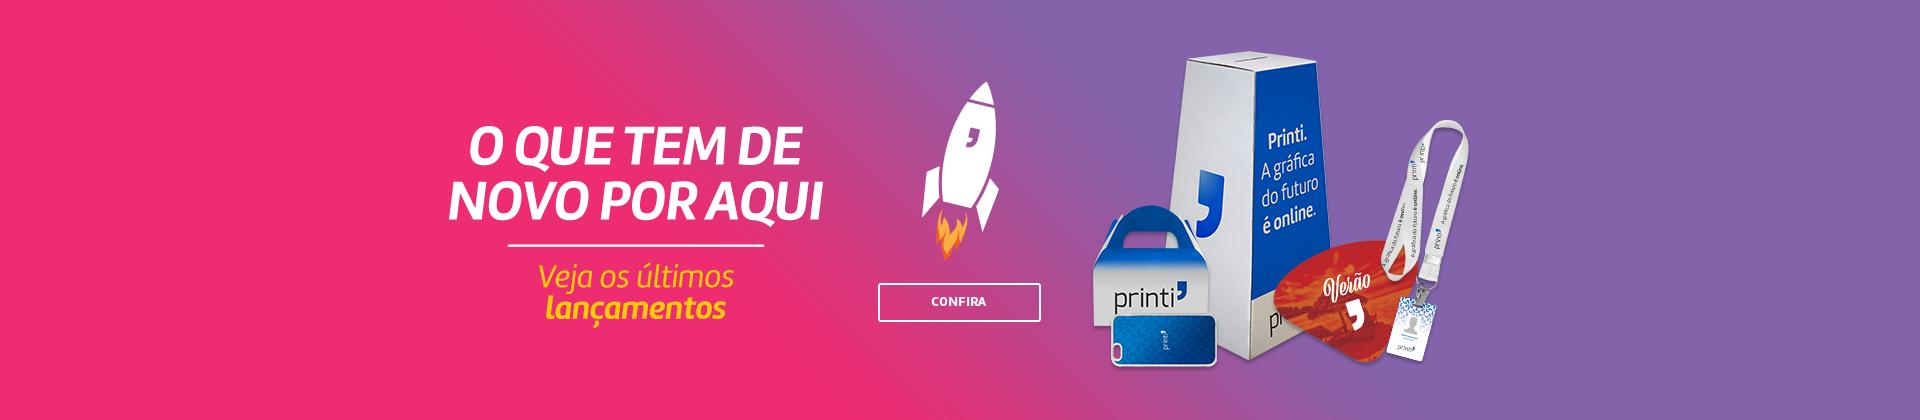 Confira os produtos e lançamentos da melhor gráfica online do Brasil